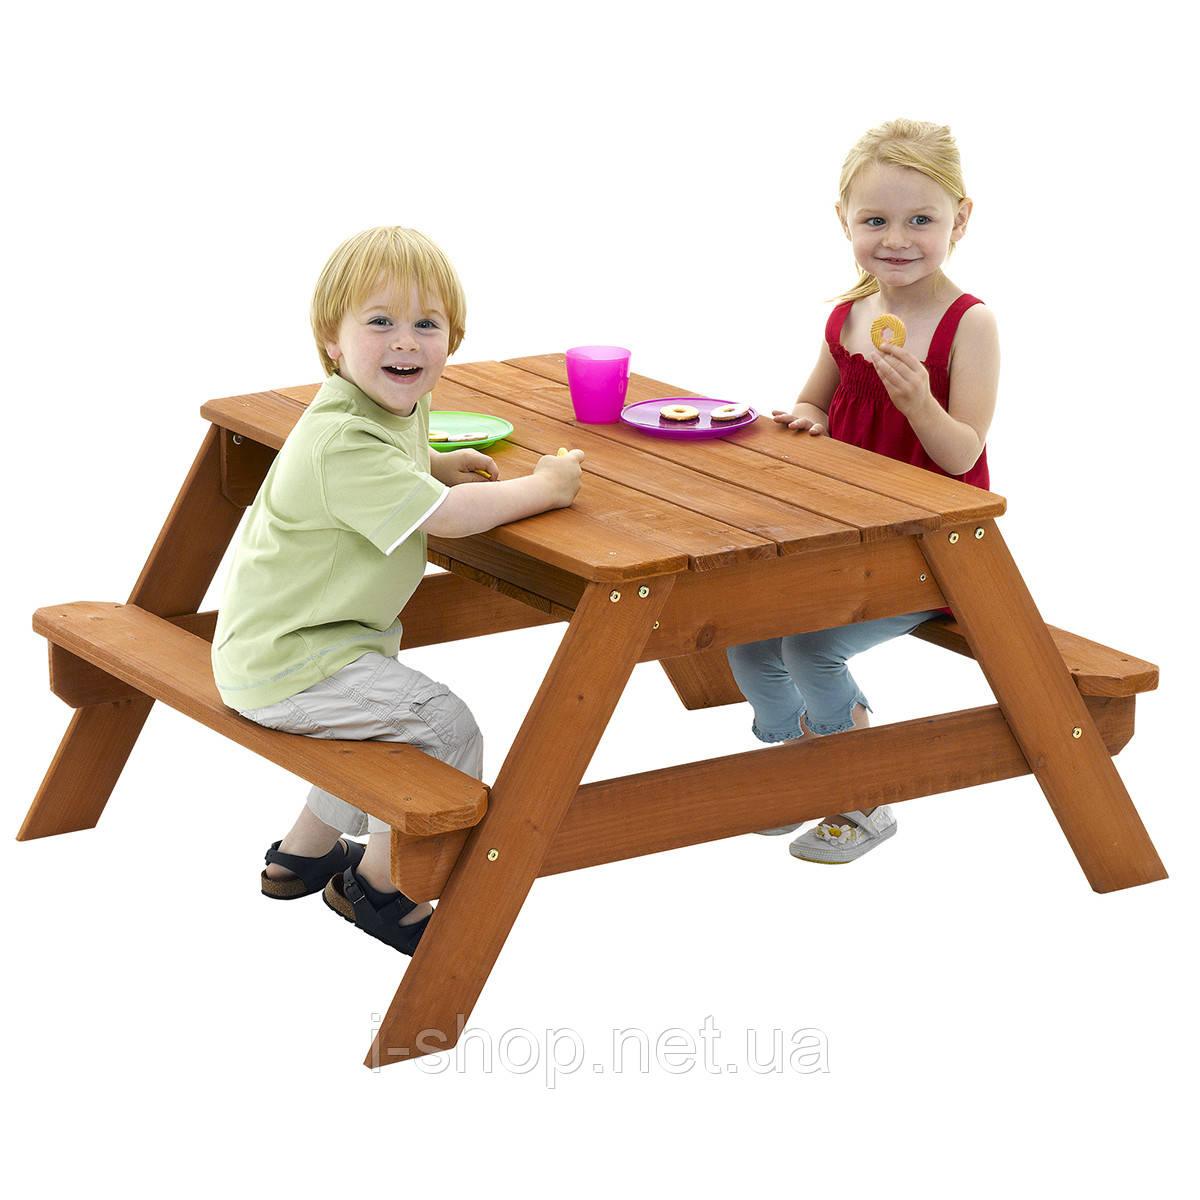 SportBaby Дитяча пісочниця-стіл